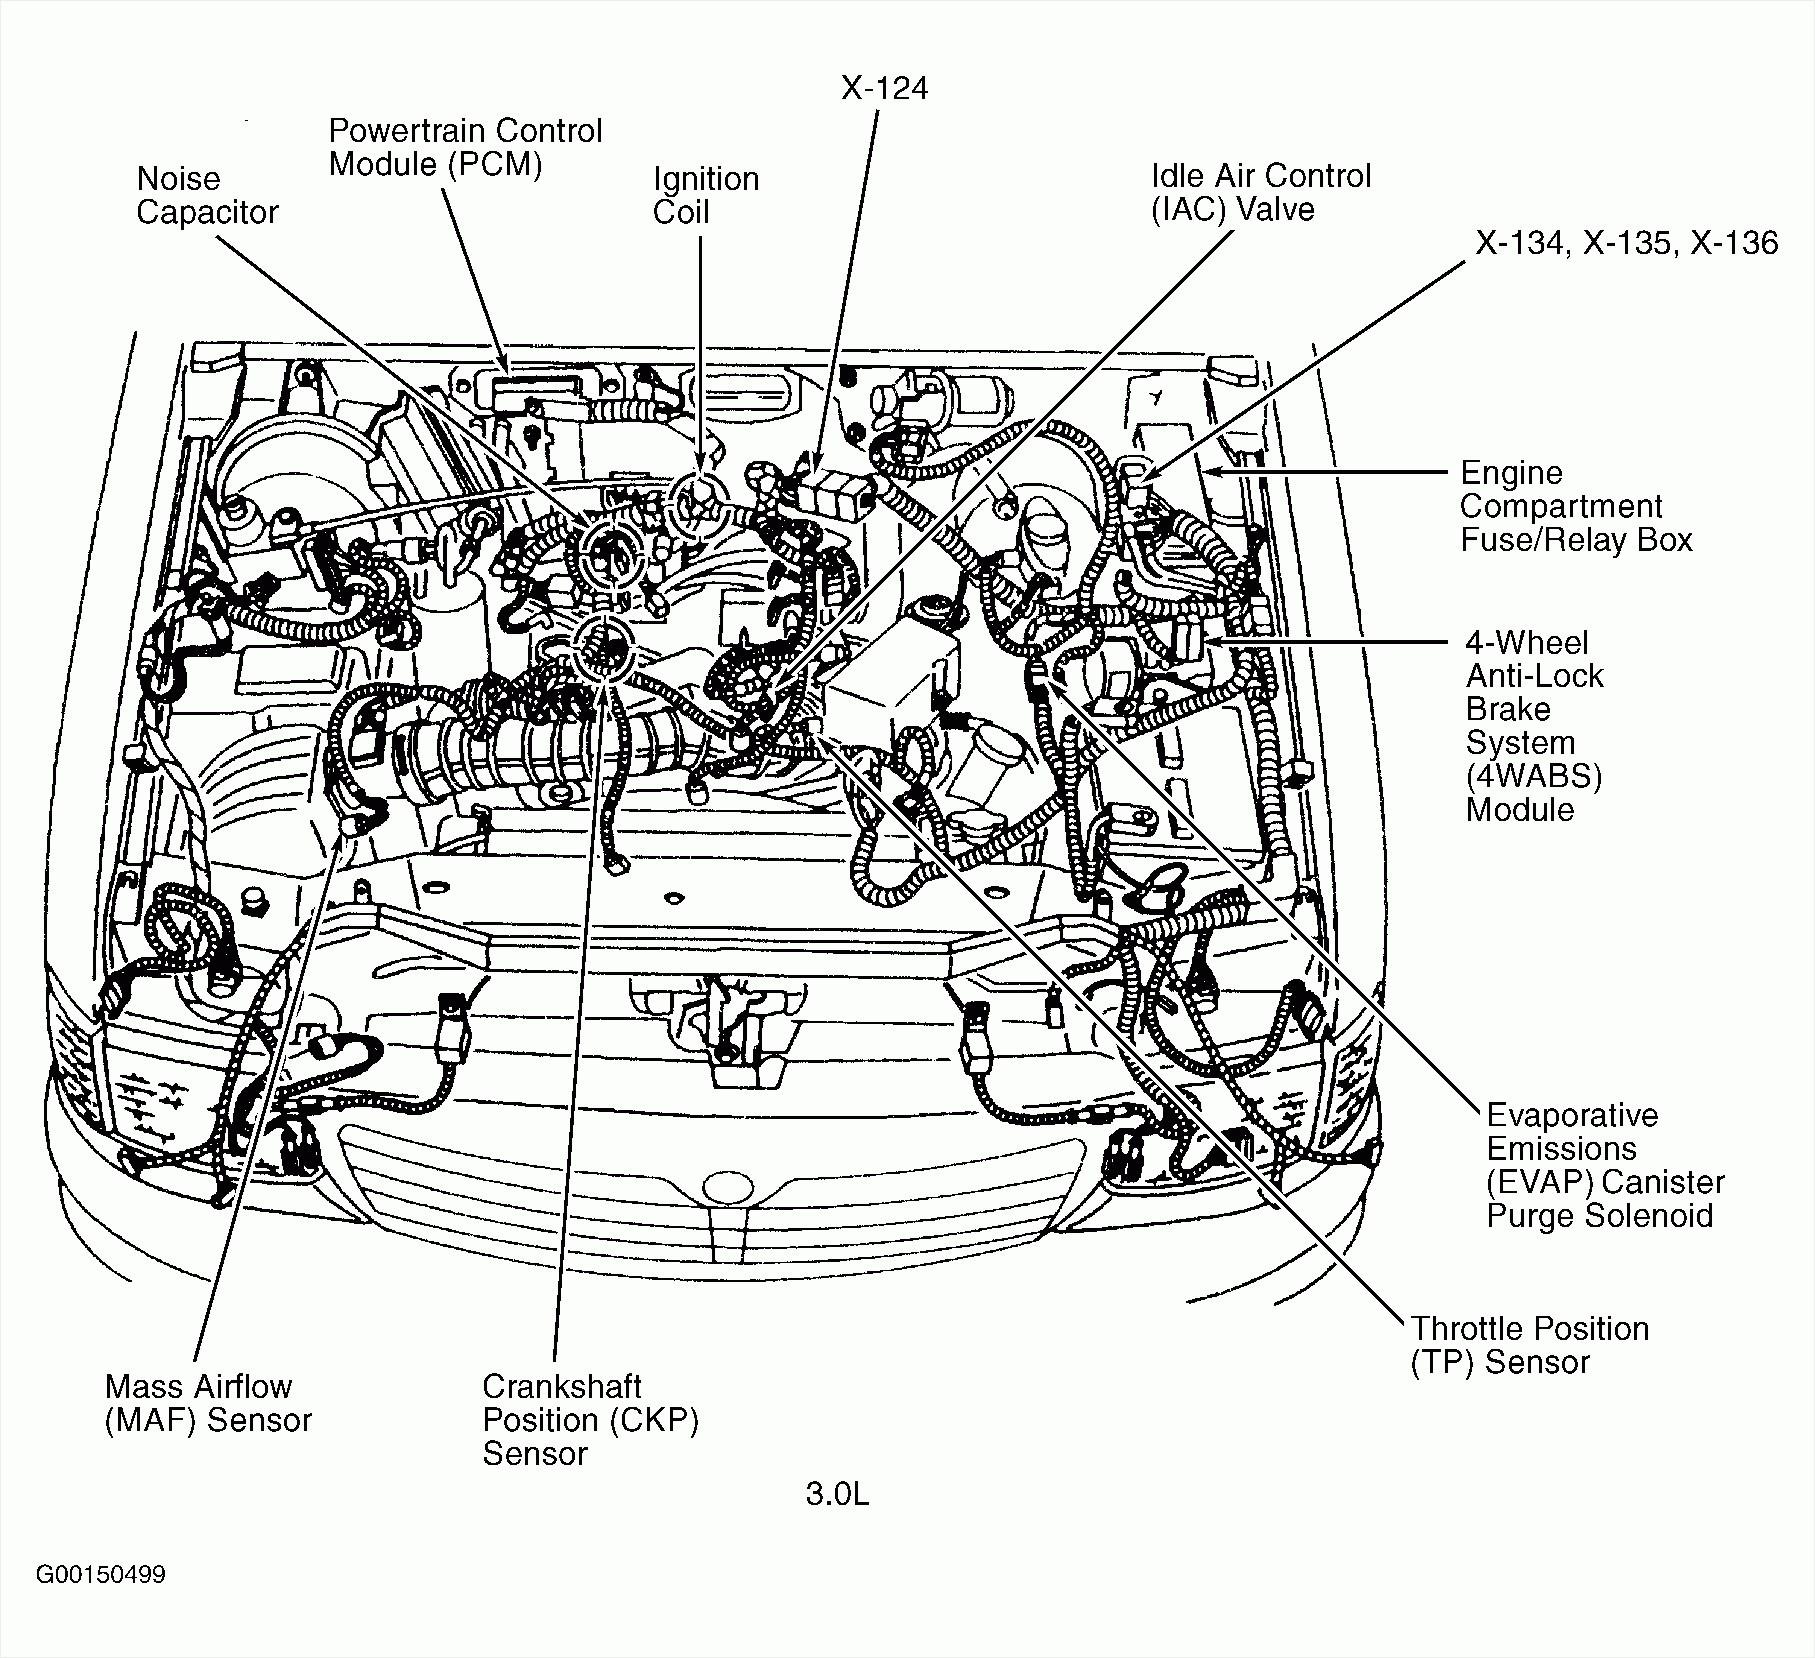 Pontiac Grand Am Engine Diagram 2004 Mazda Mpv Parts Diagram Wiring Diagram Show Of Pontiac Grand Am Engine Diagram